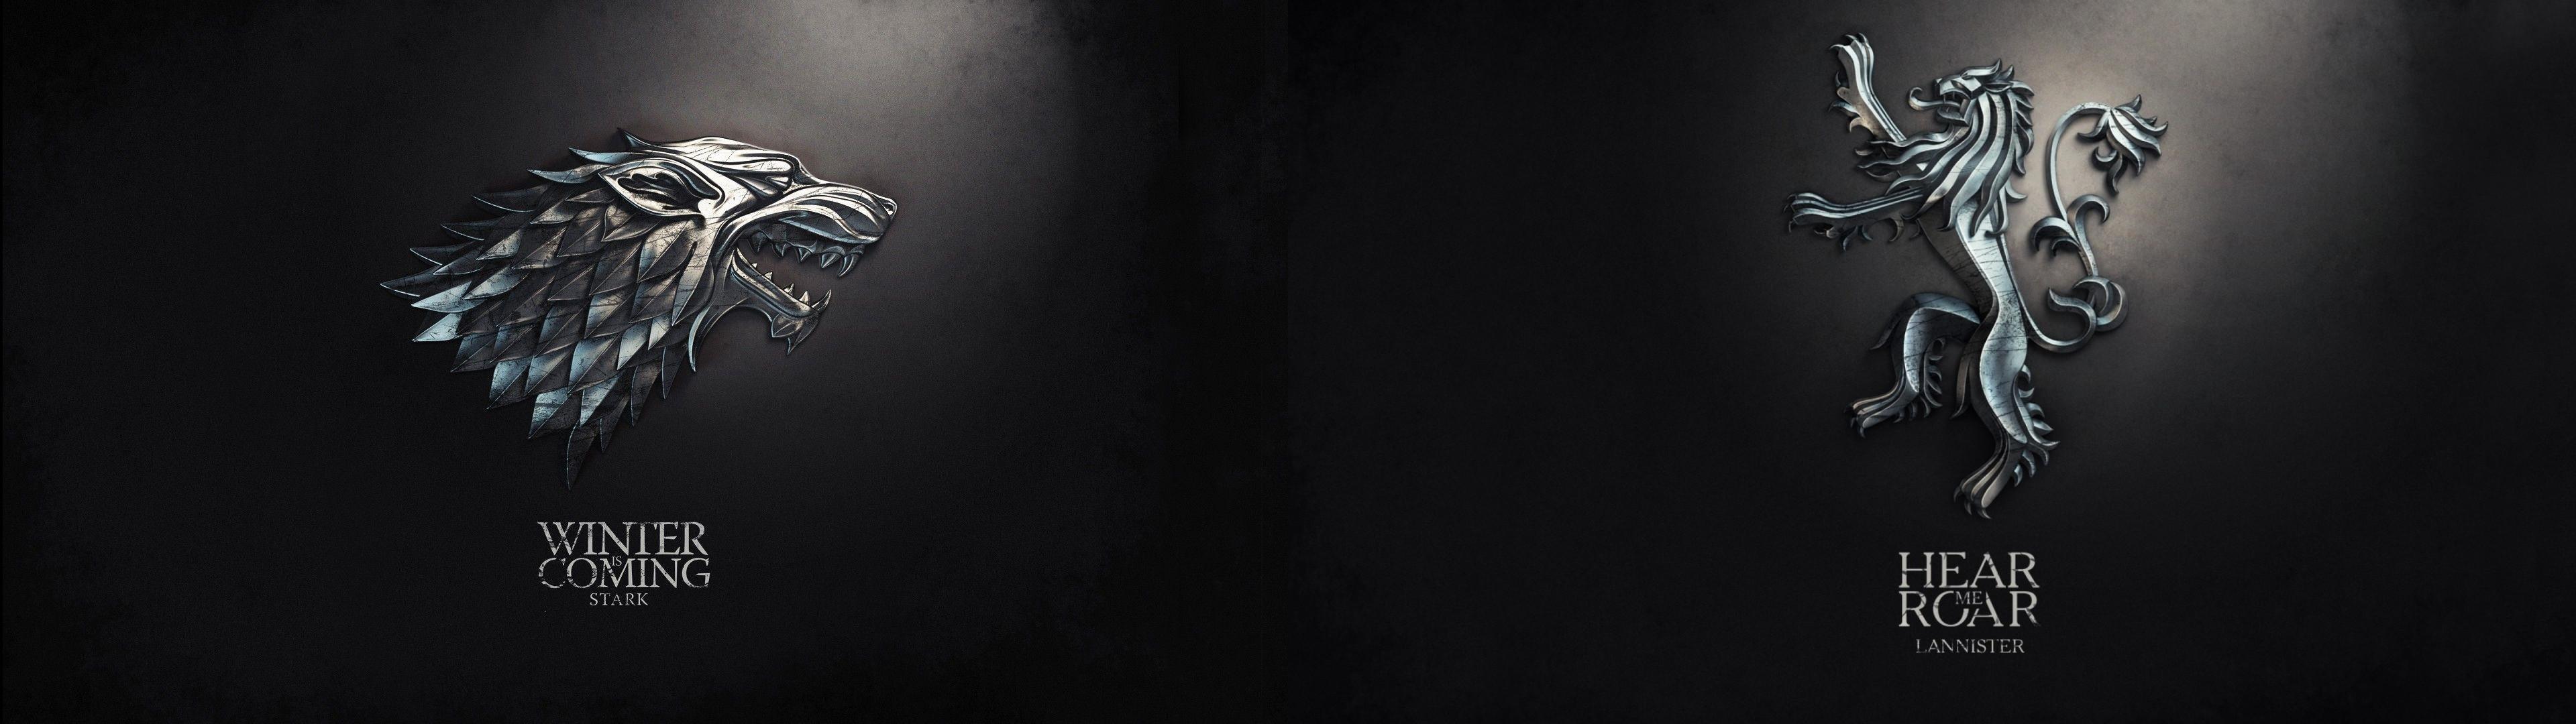 Dual Screen Wallpaper 3840X1080 Batman 3840x1080